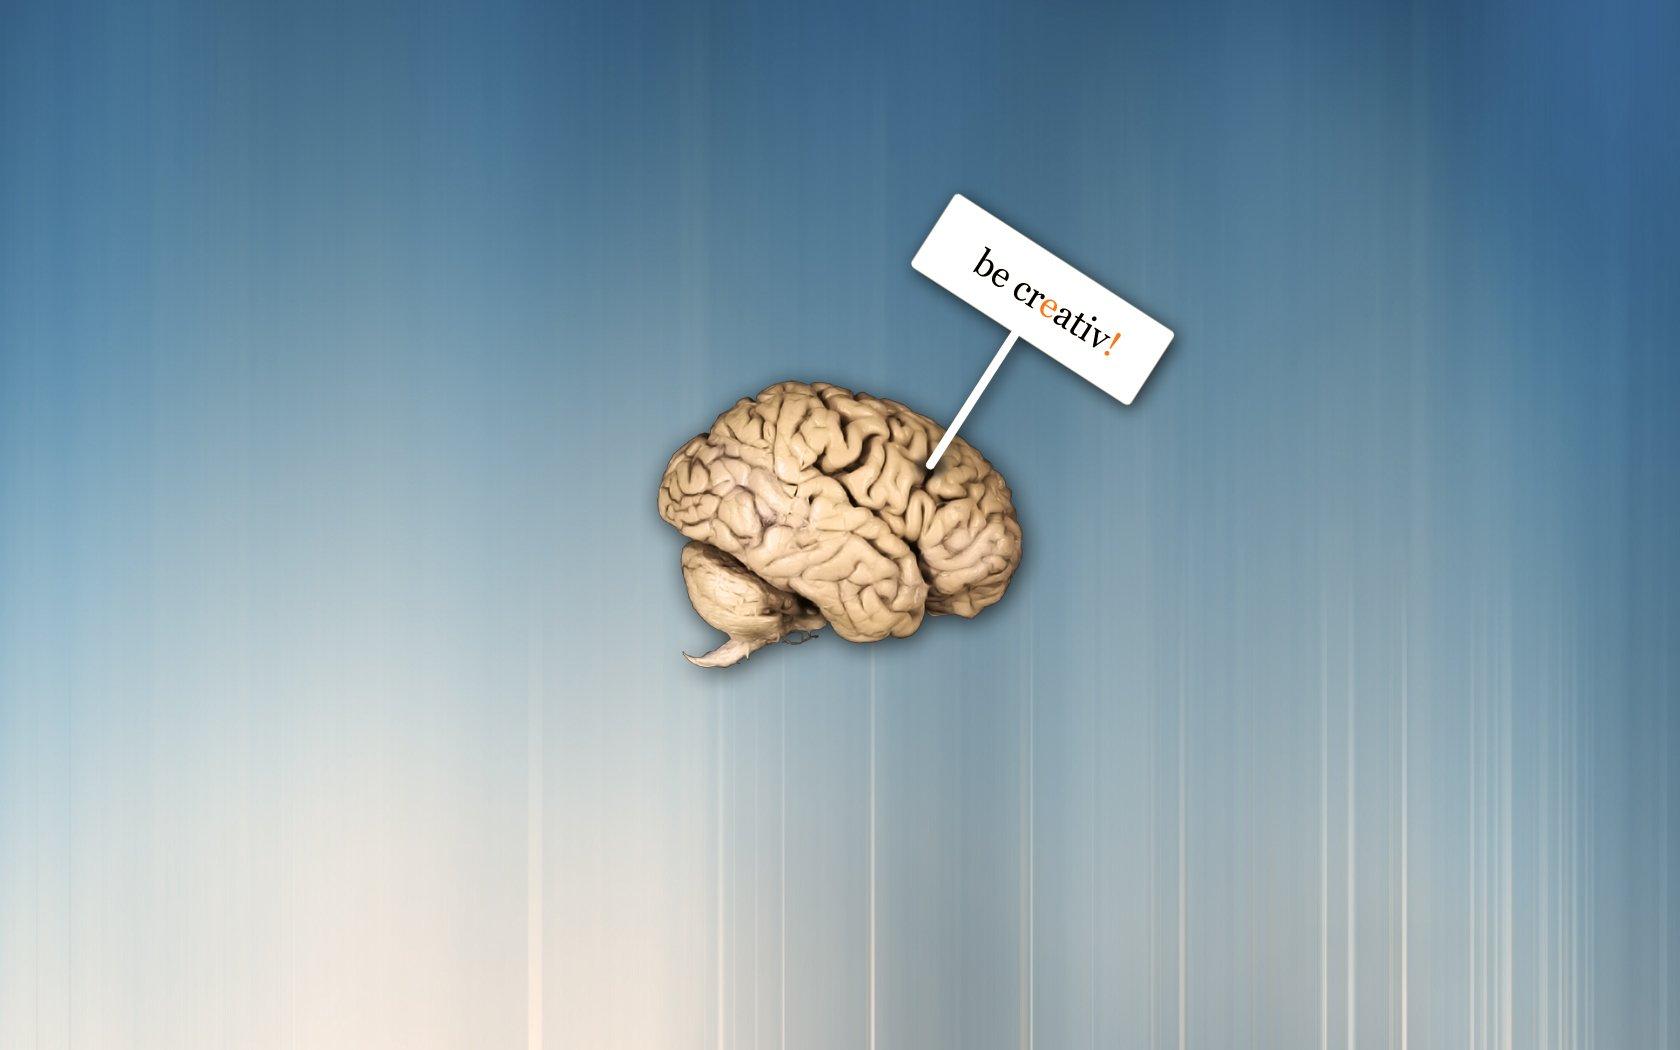 мозг картинки со смыслом территории волгоградской